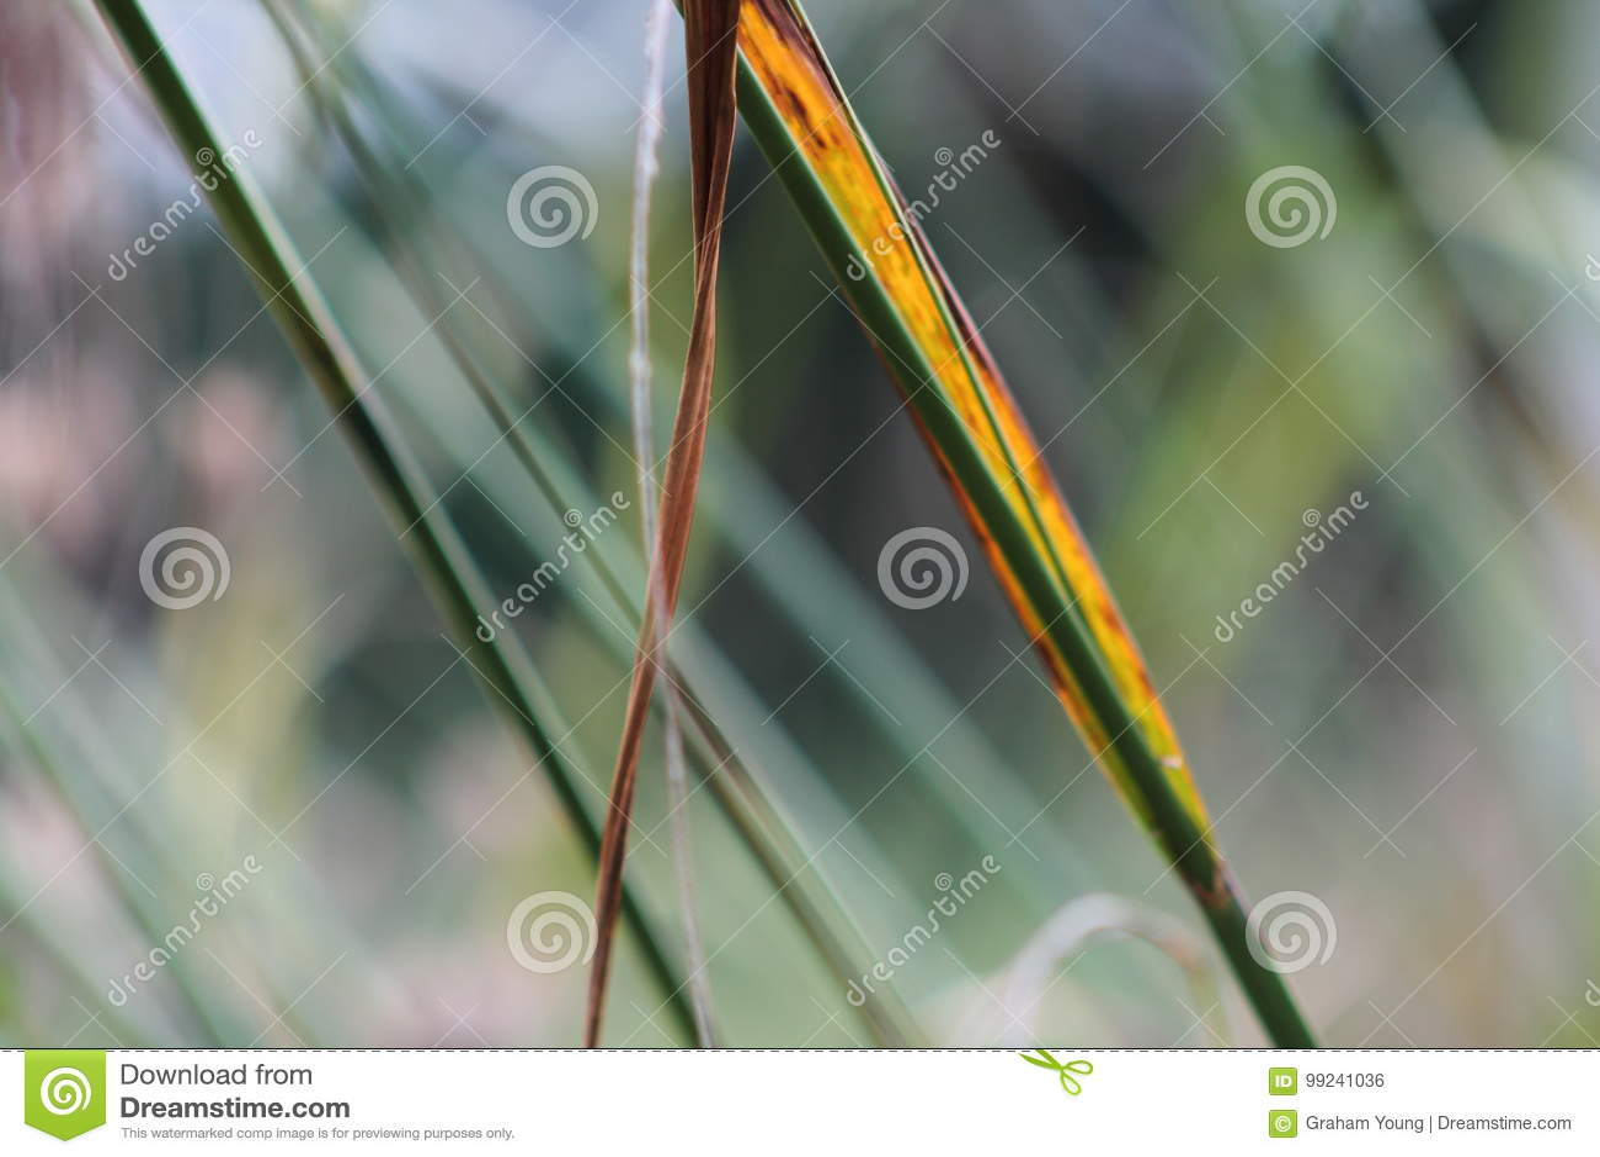 Gräser im englischen Garten, Nahaufnahme, mit Lavendel und kleinen flowes 9